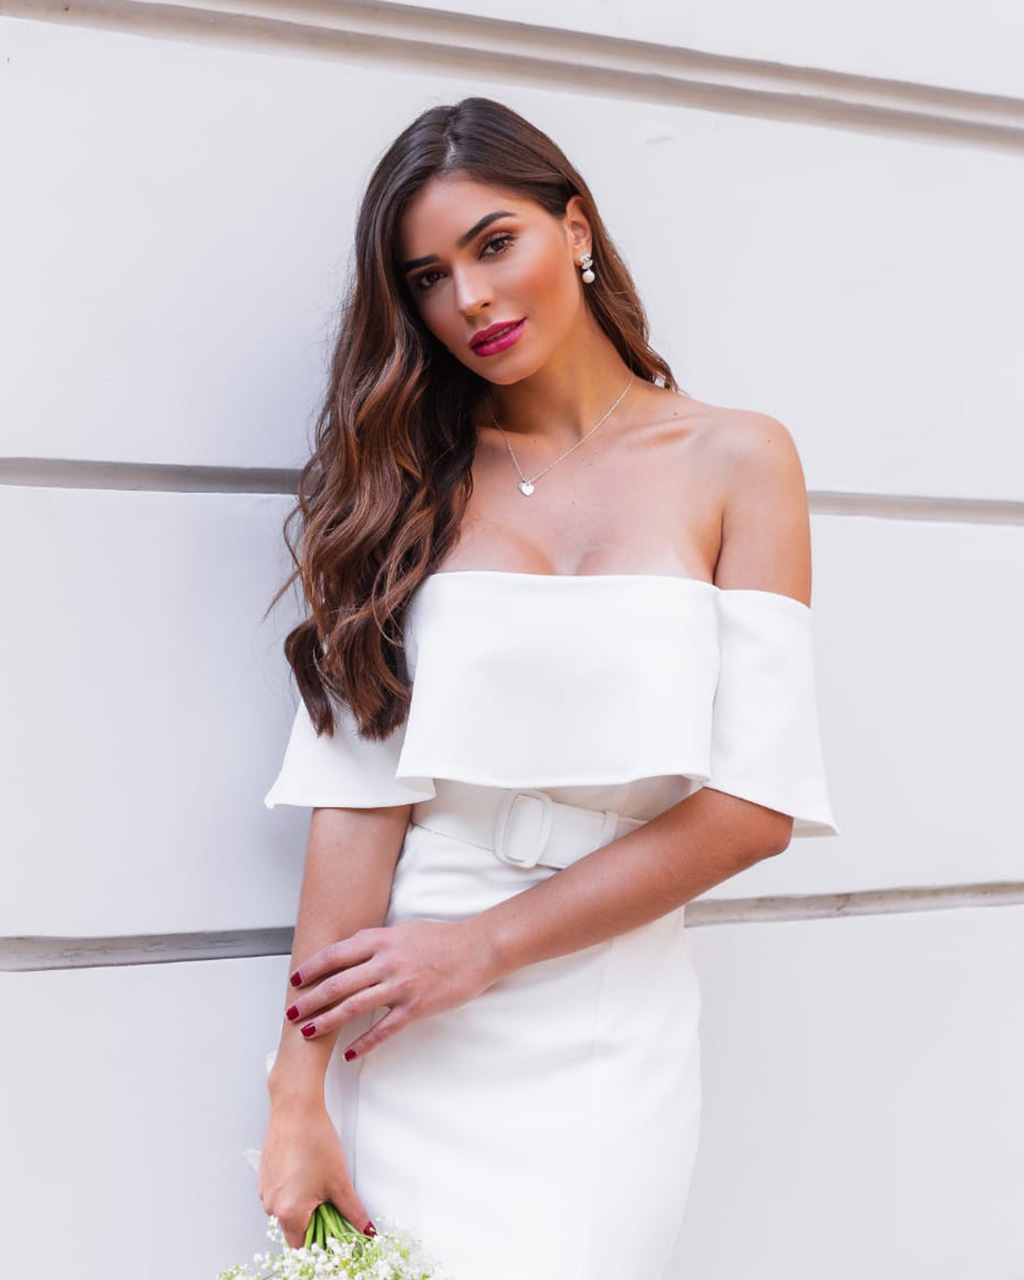 Vestido Dalva  - Empório NM